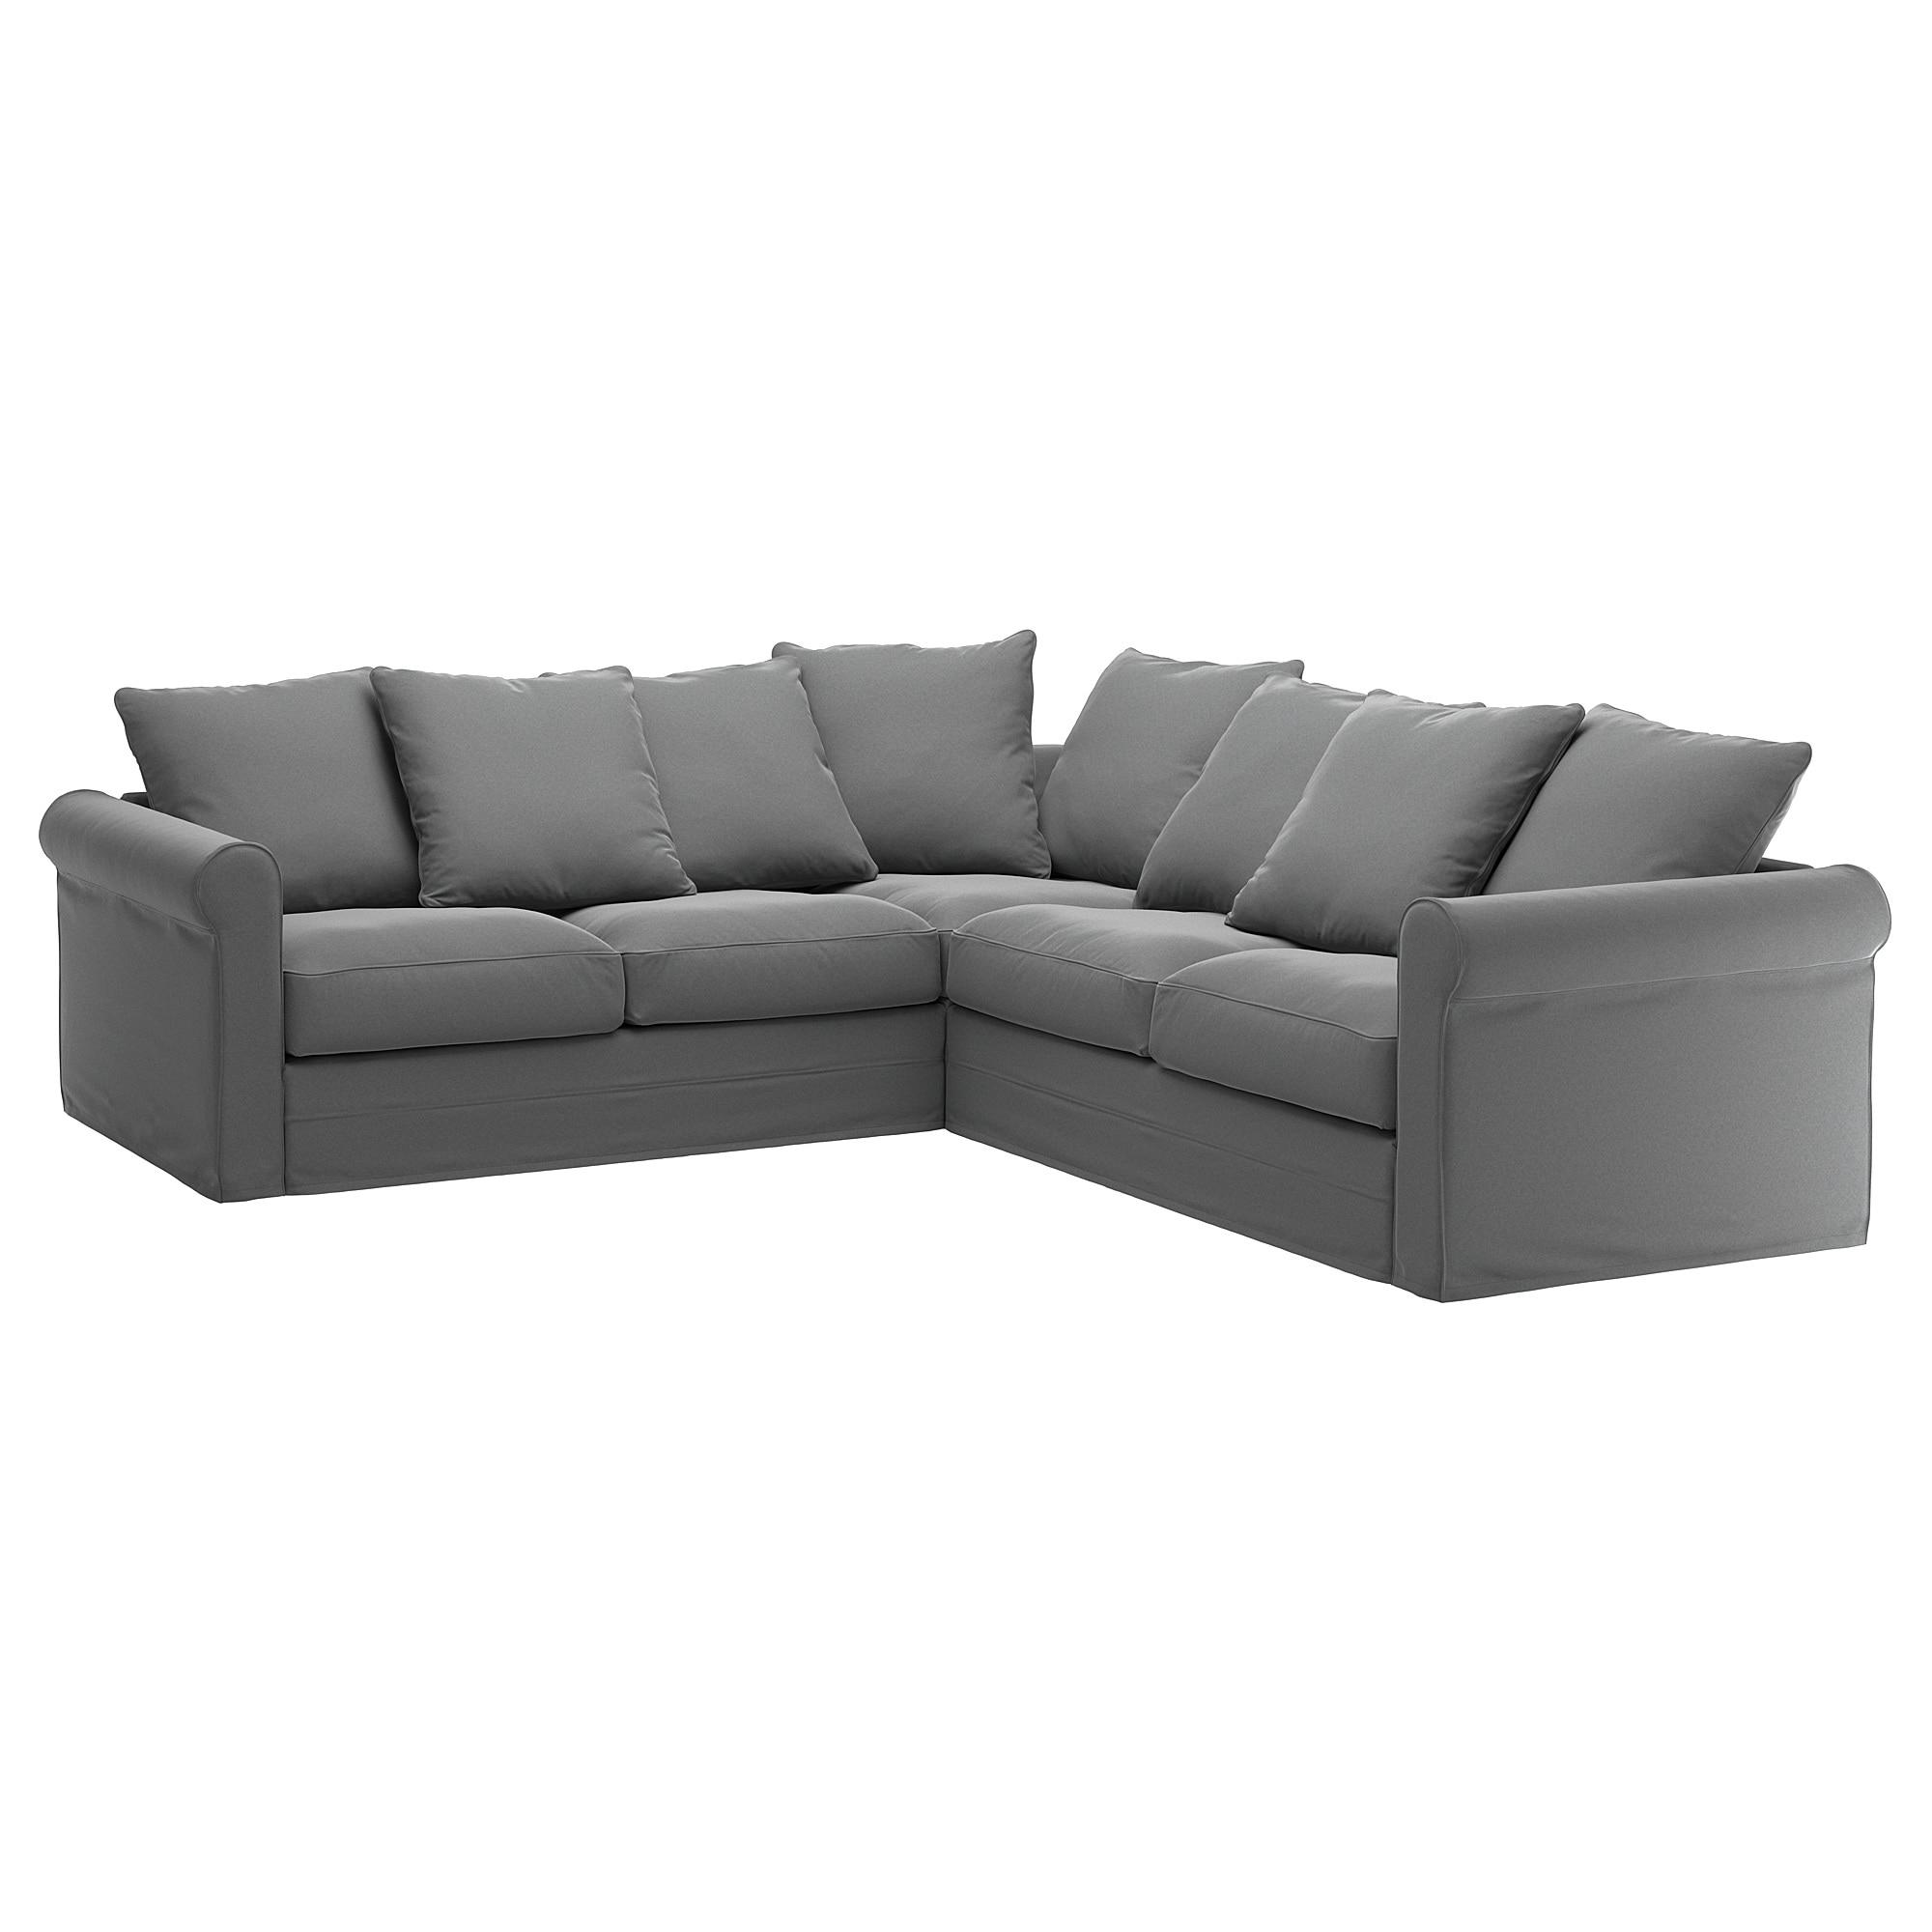 Sofa Cuatro Plazas Ftd8 Grà Nlid sofà 4 Plazas Esquina Ljungen Gris Ikea